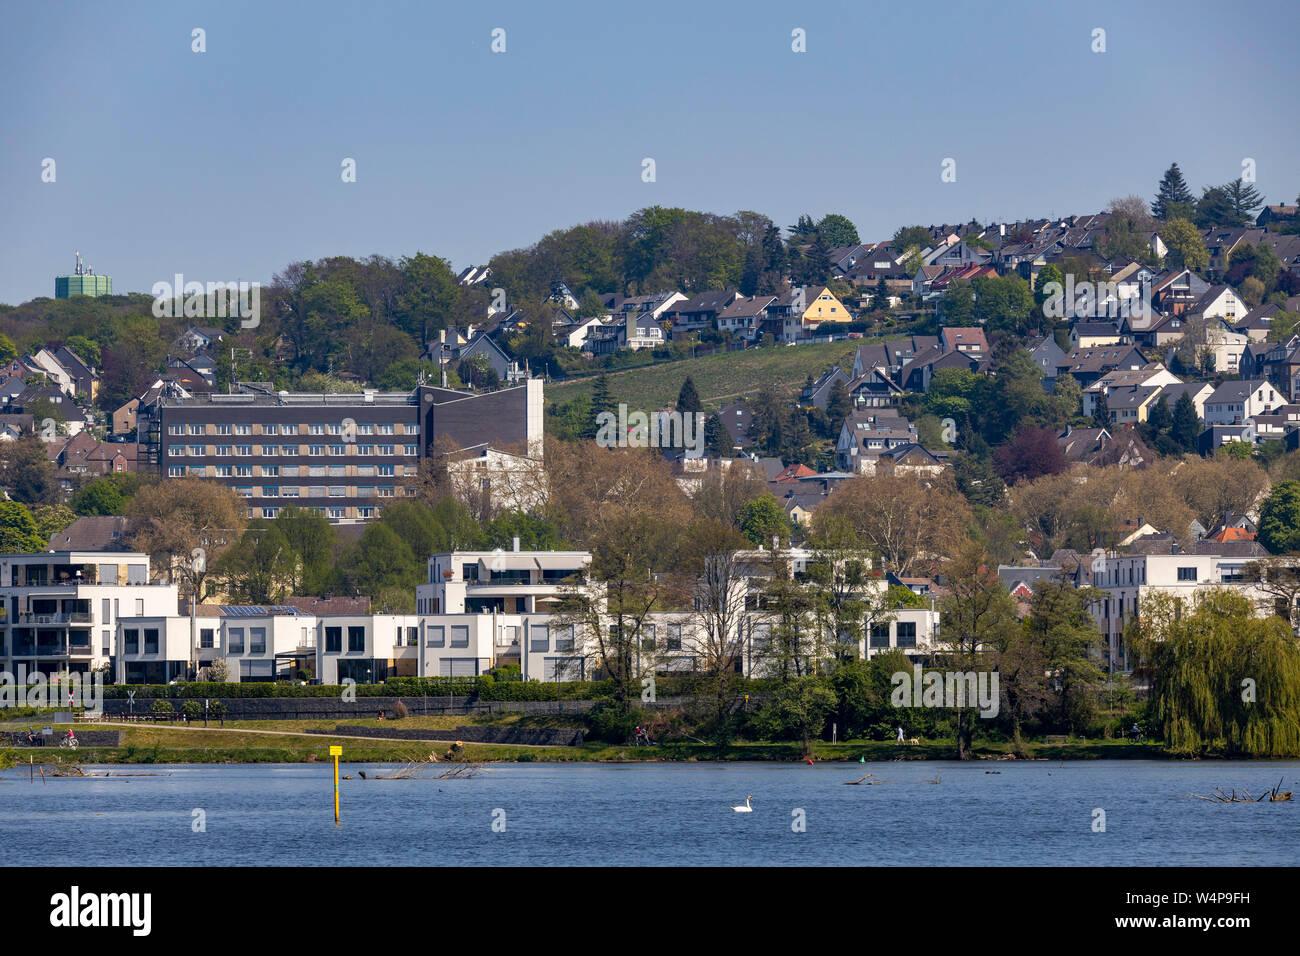 Essen, der Baldeneysee, Ruhr Stausee, Ansicht des Essener Stadtteil Kupferdreh, Stockfoto